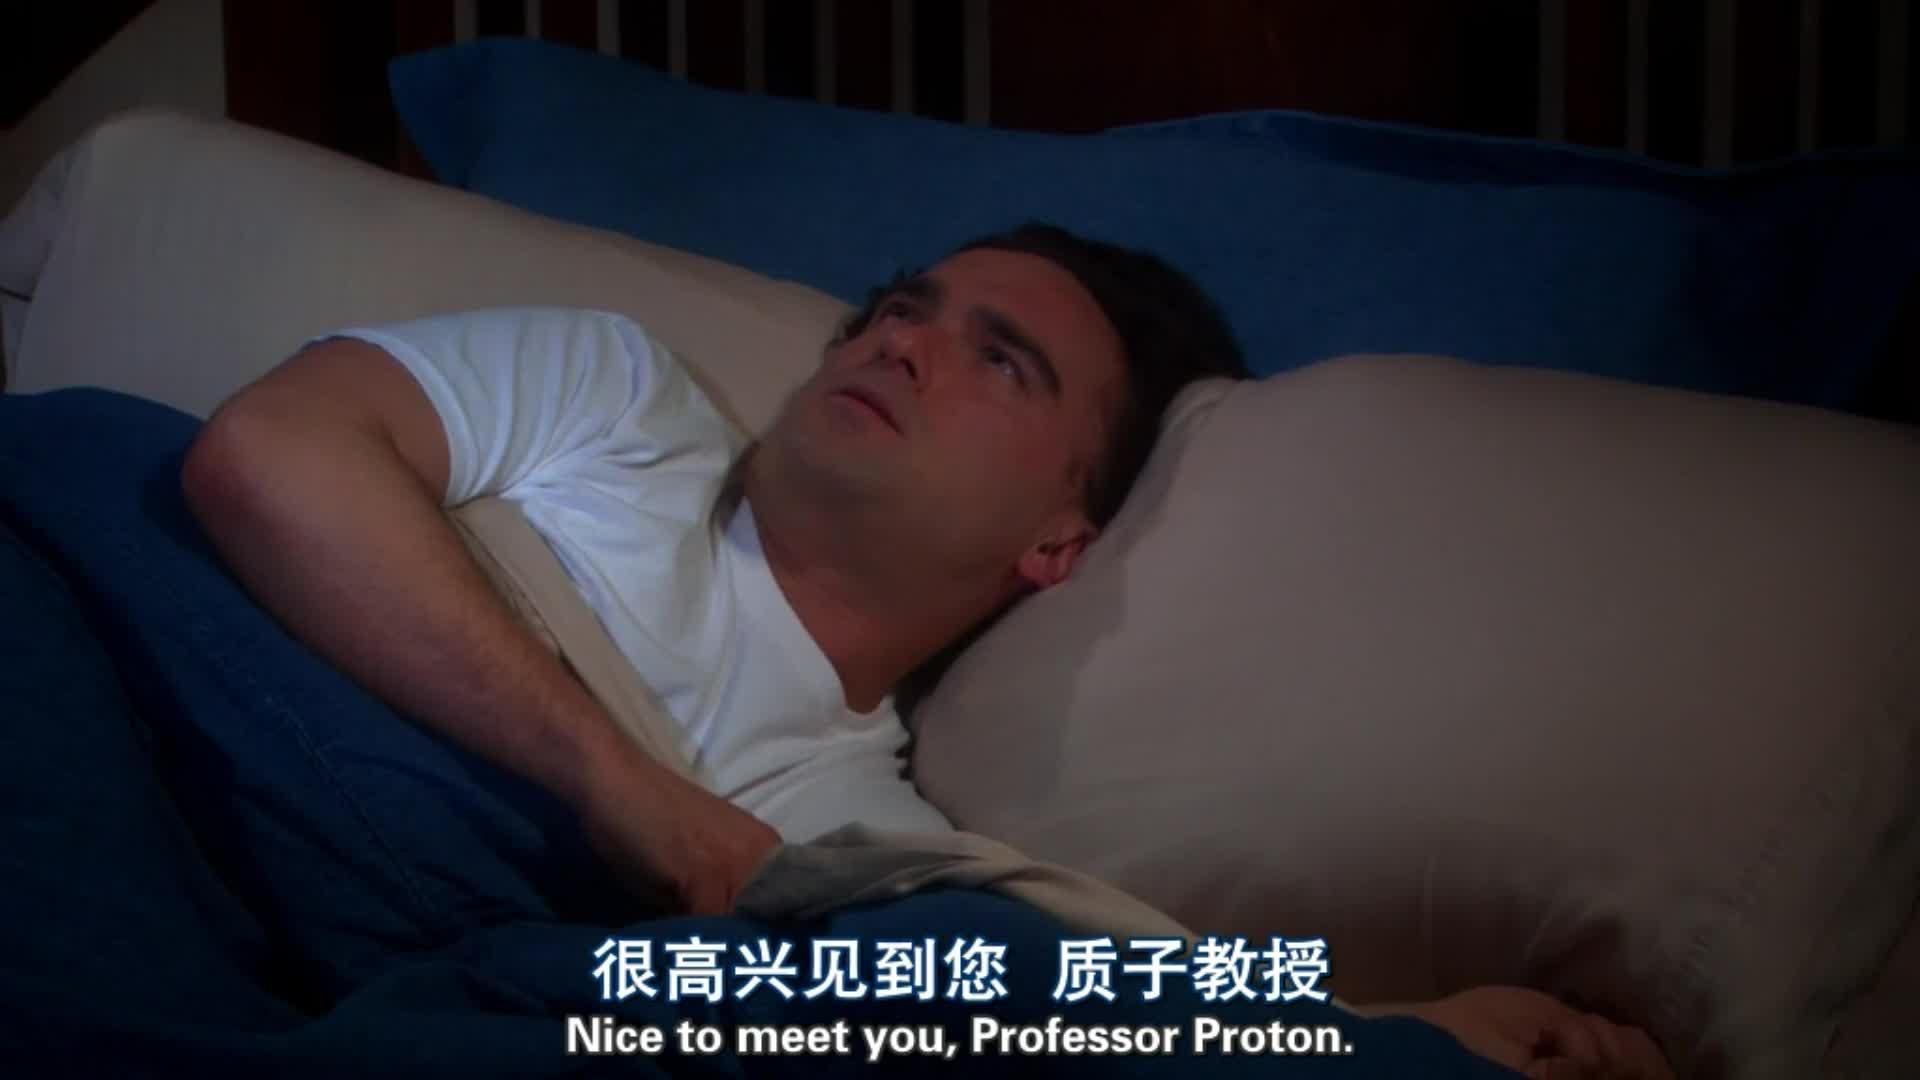 男子吵到朋友睡觉时,朋友给了男子一巴掌笑死了